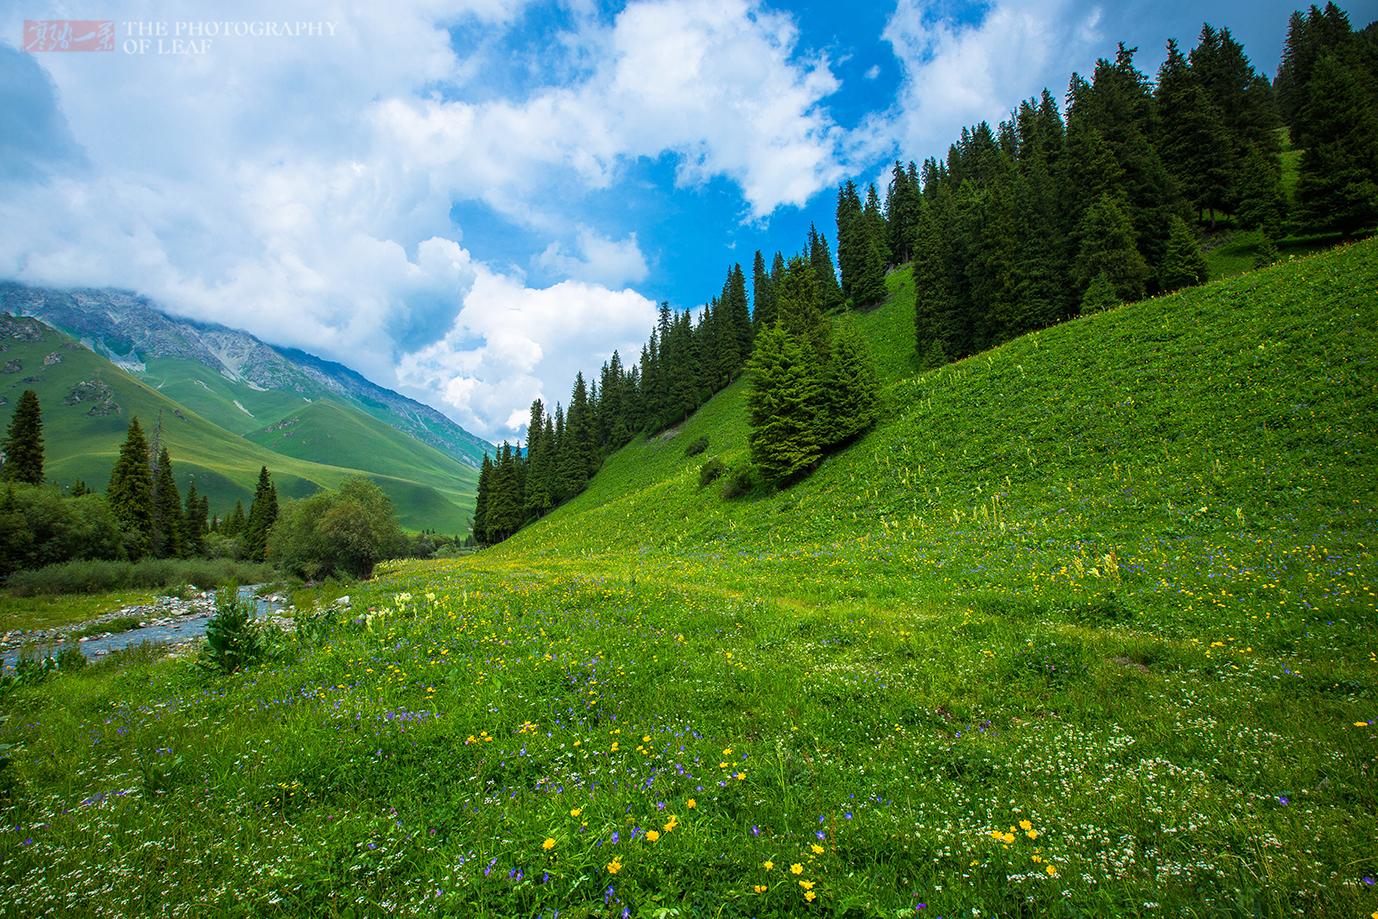 新疆这树同根四杆,十世班禅在此修行成圣地,游客行为使两杆枯死